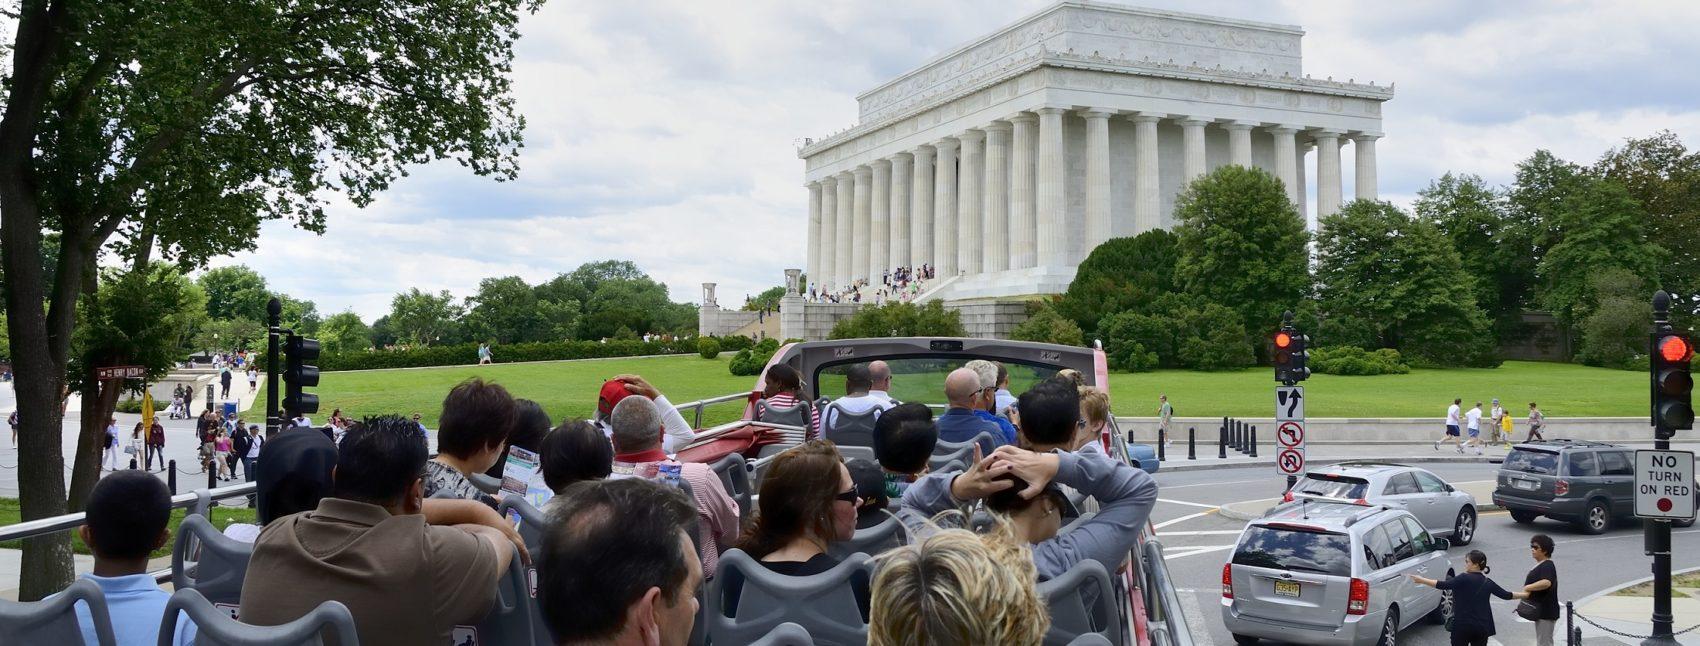 Capital region escorted tour